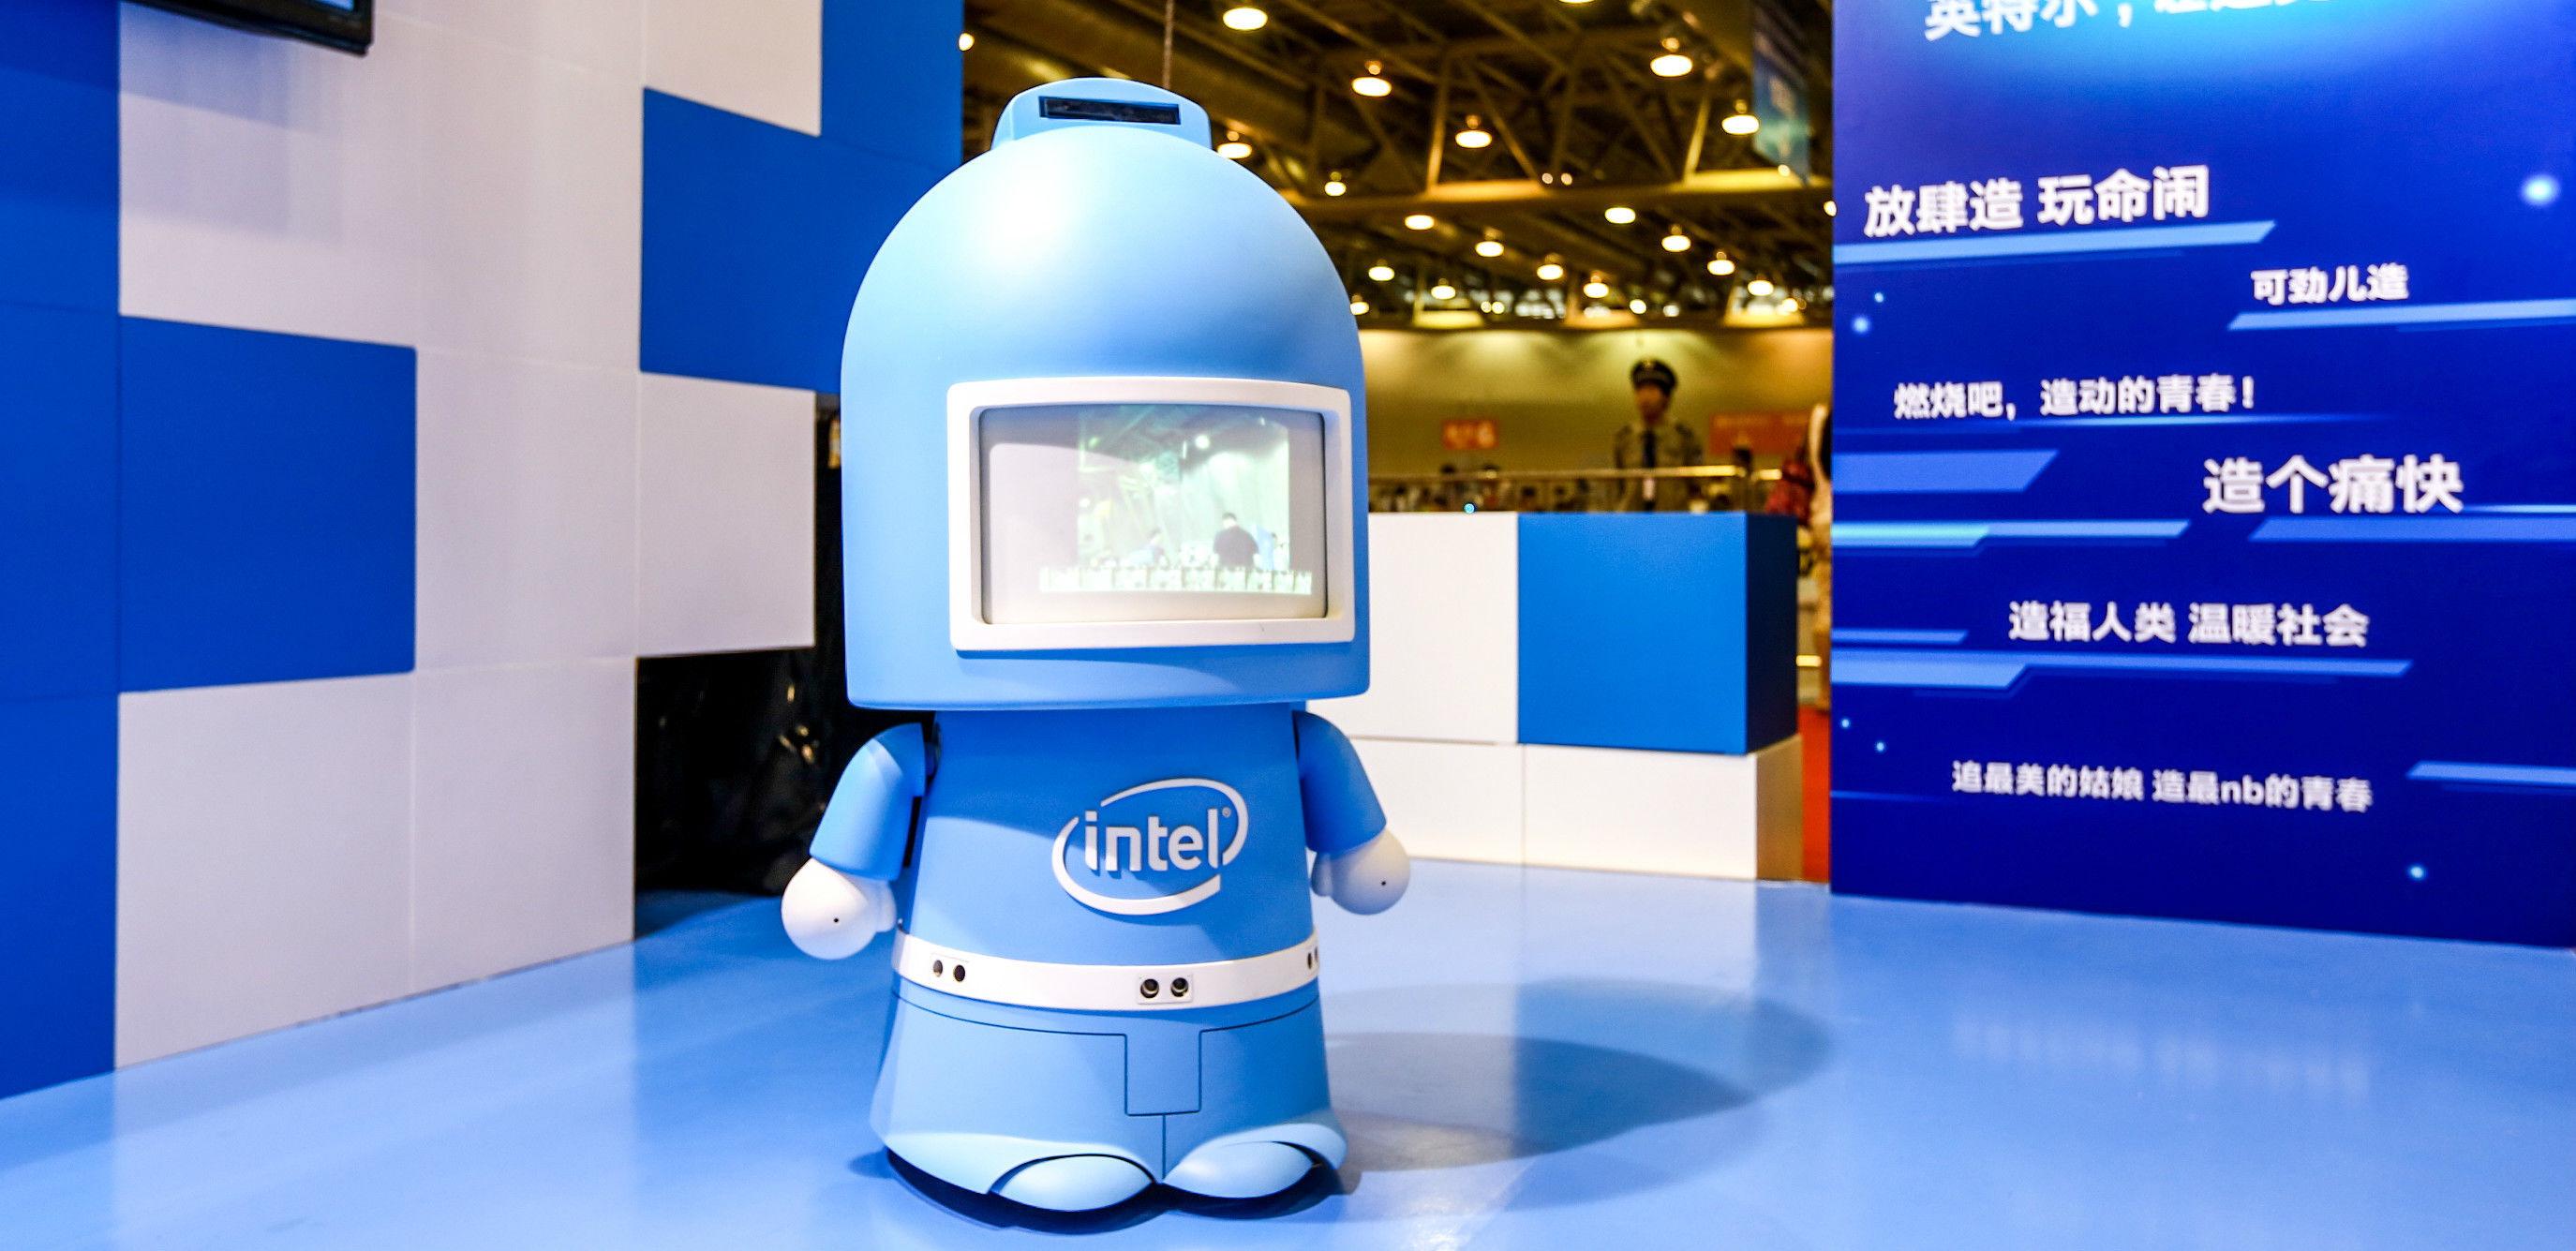 在关于机器人未来的路上,看看这些大佬们都发出了什么样的声音